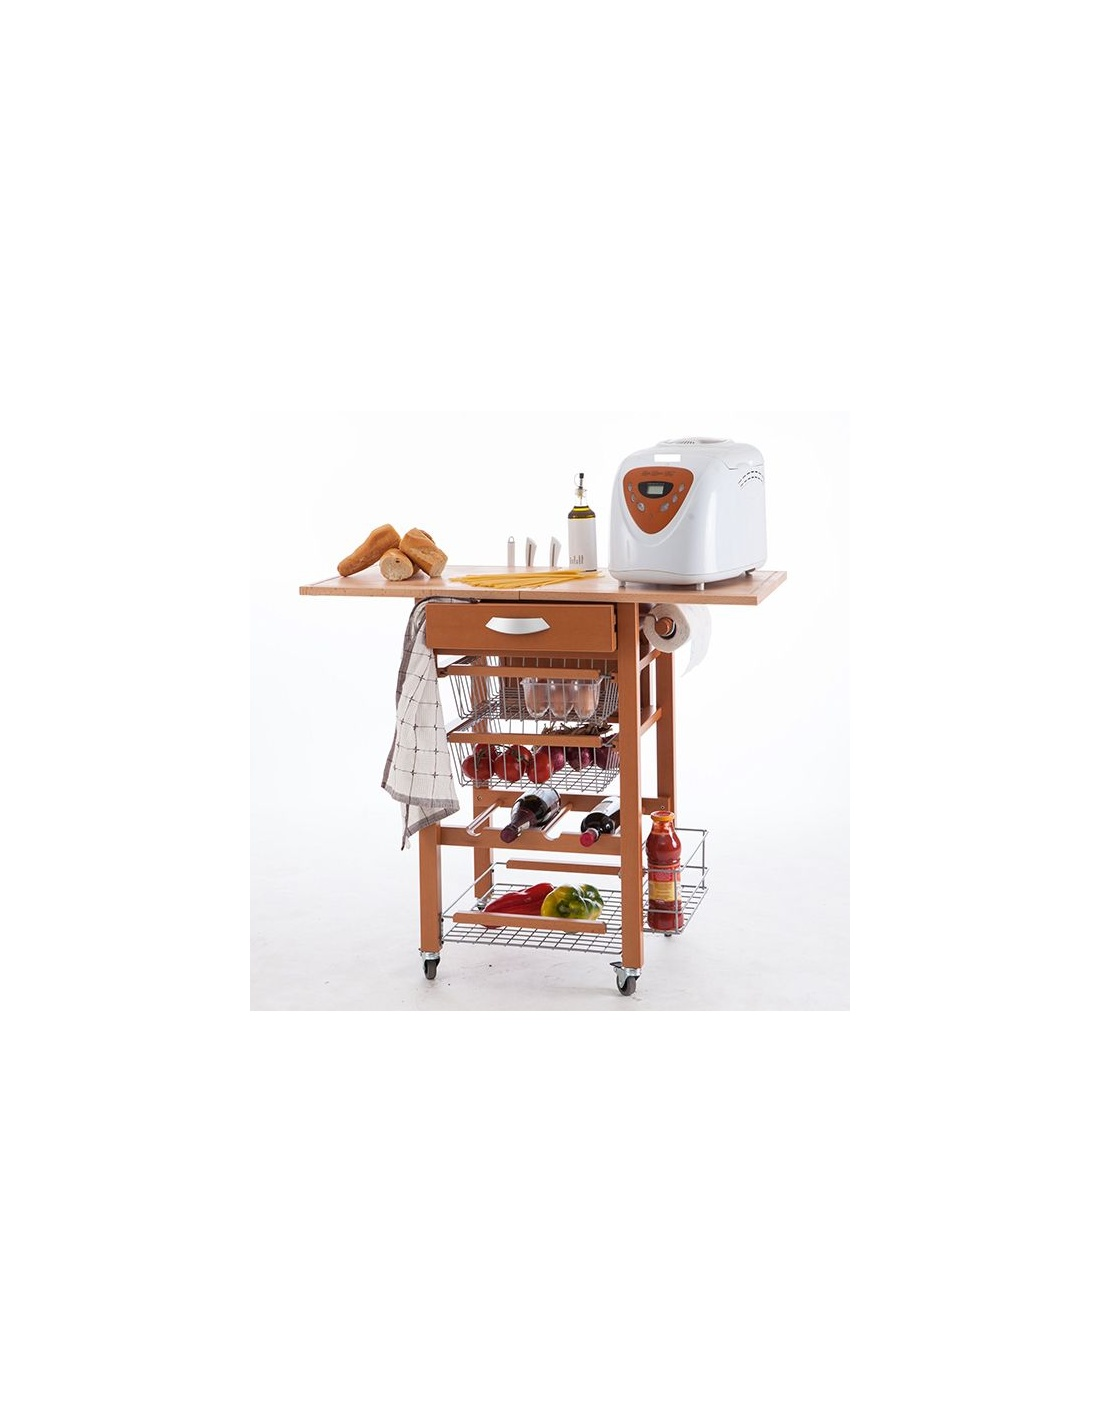 Carrello da cucina in legno modello gastone 585 di for Arredamenti italia